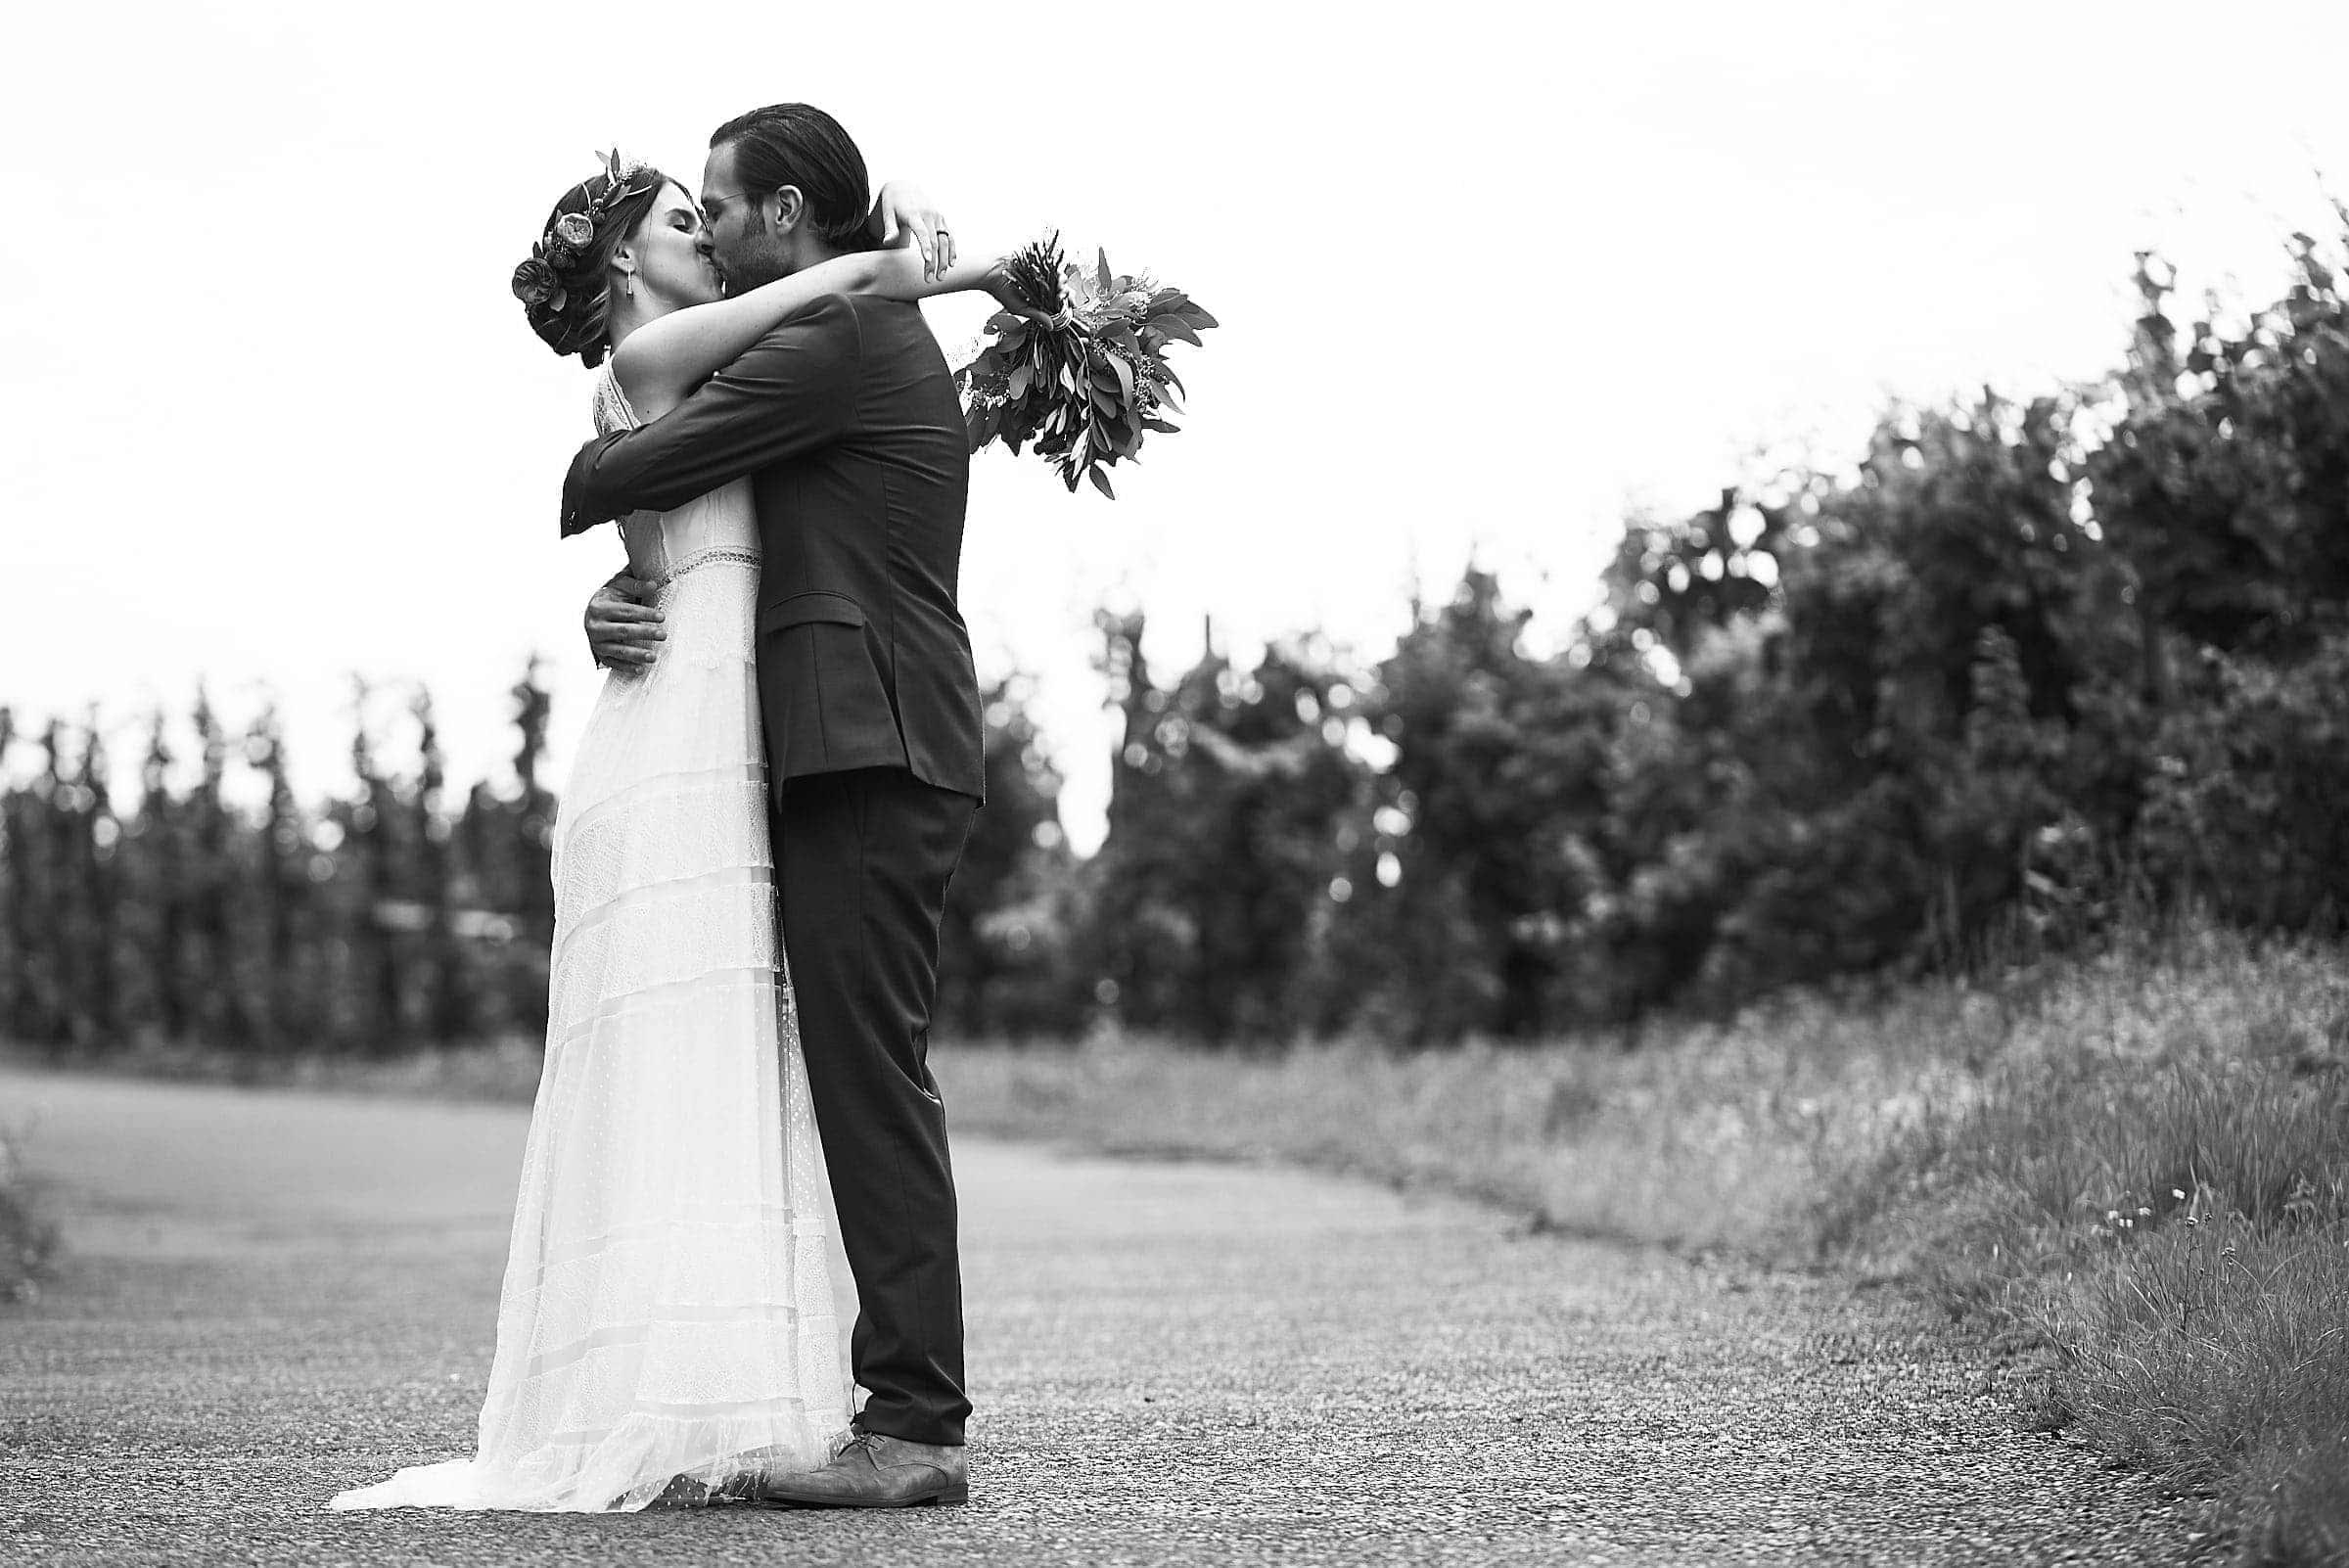 Ungestellte Hochzeitsfotos in Farbe und Schwarz-Weiß, mit Hingabe erstellt von ihrem Hochzeitsfotograf aus Trier